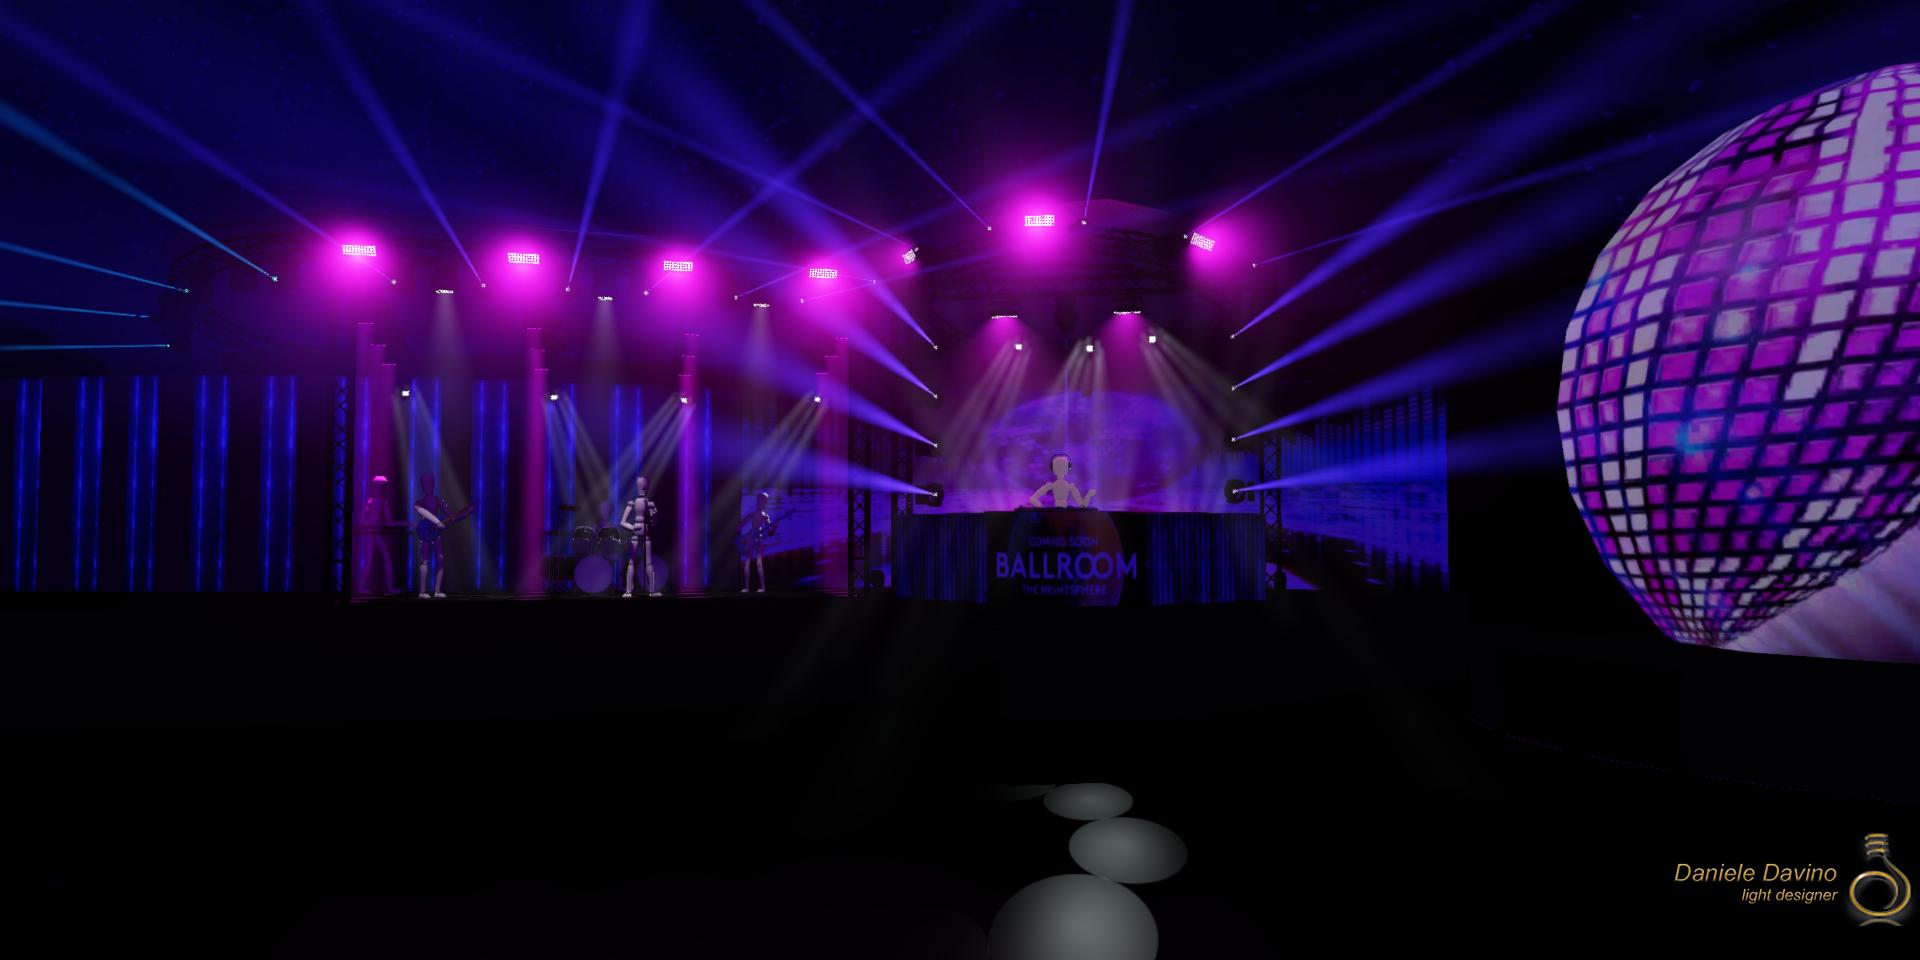 Ballroom2017_V7_render 2.PNG